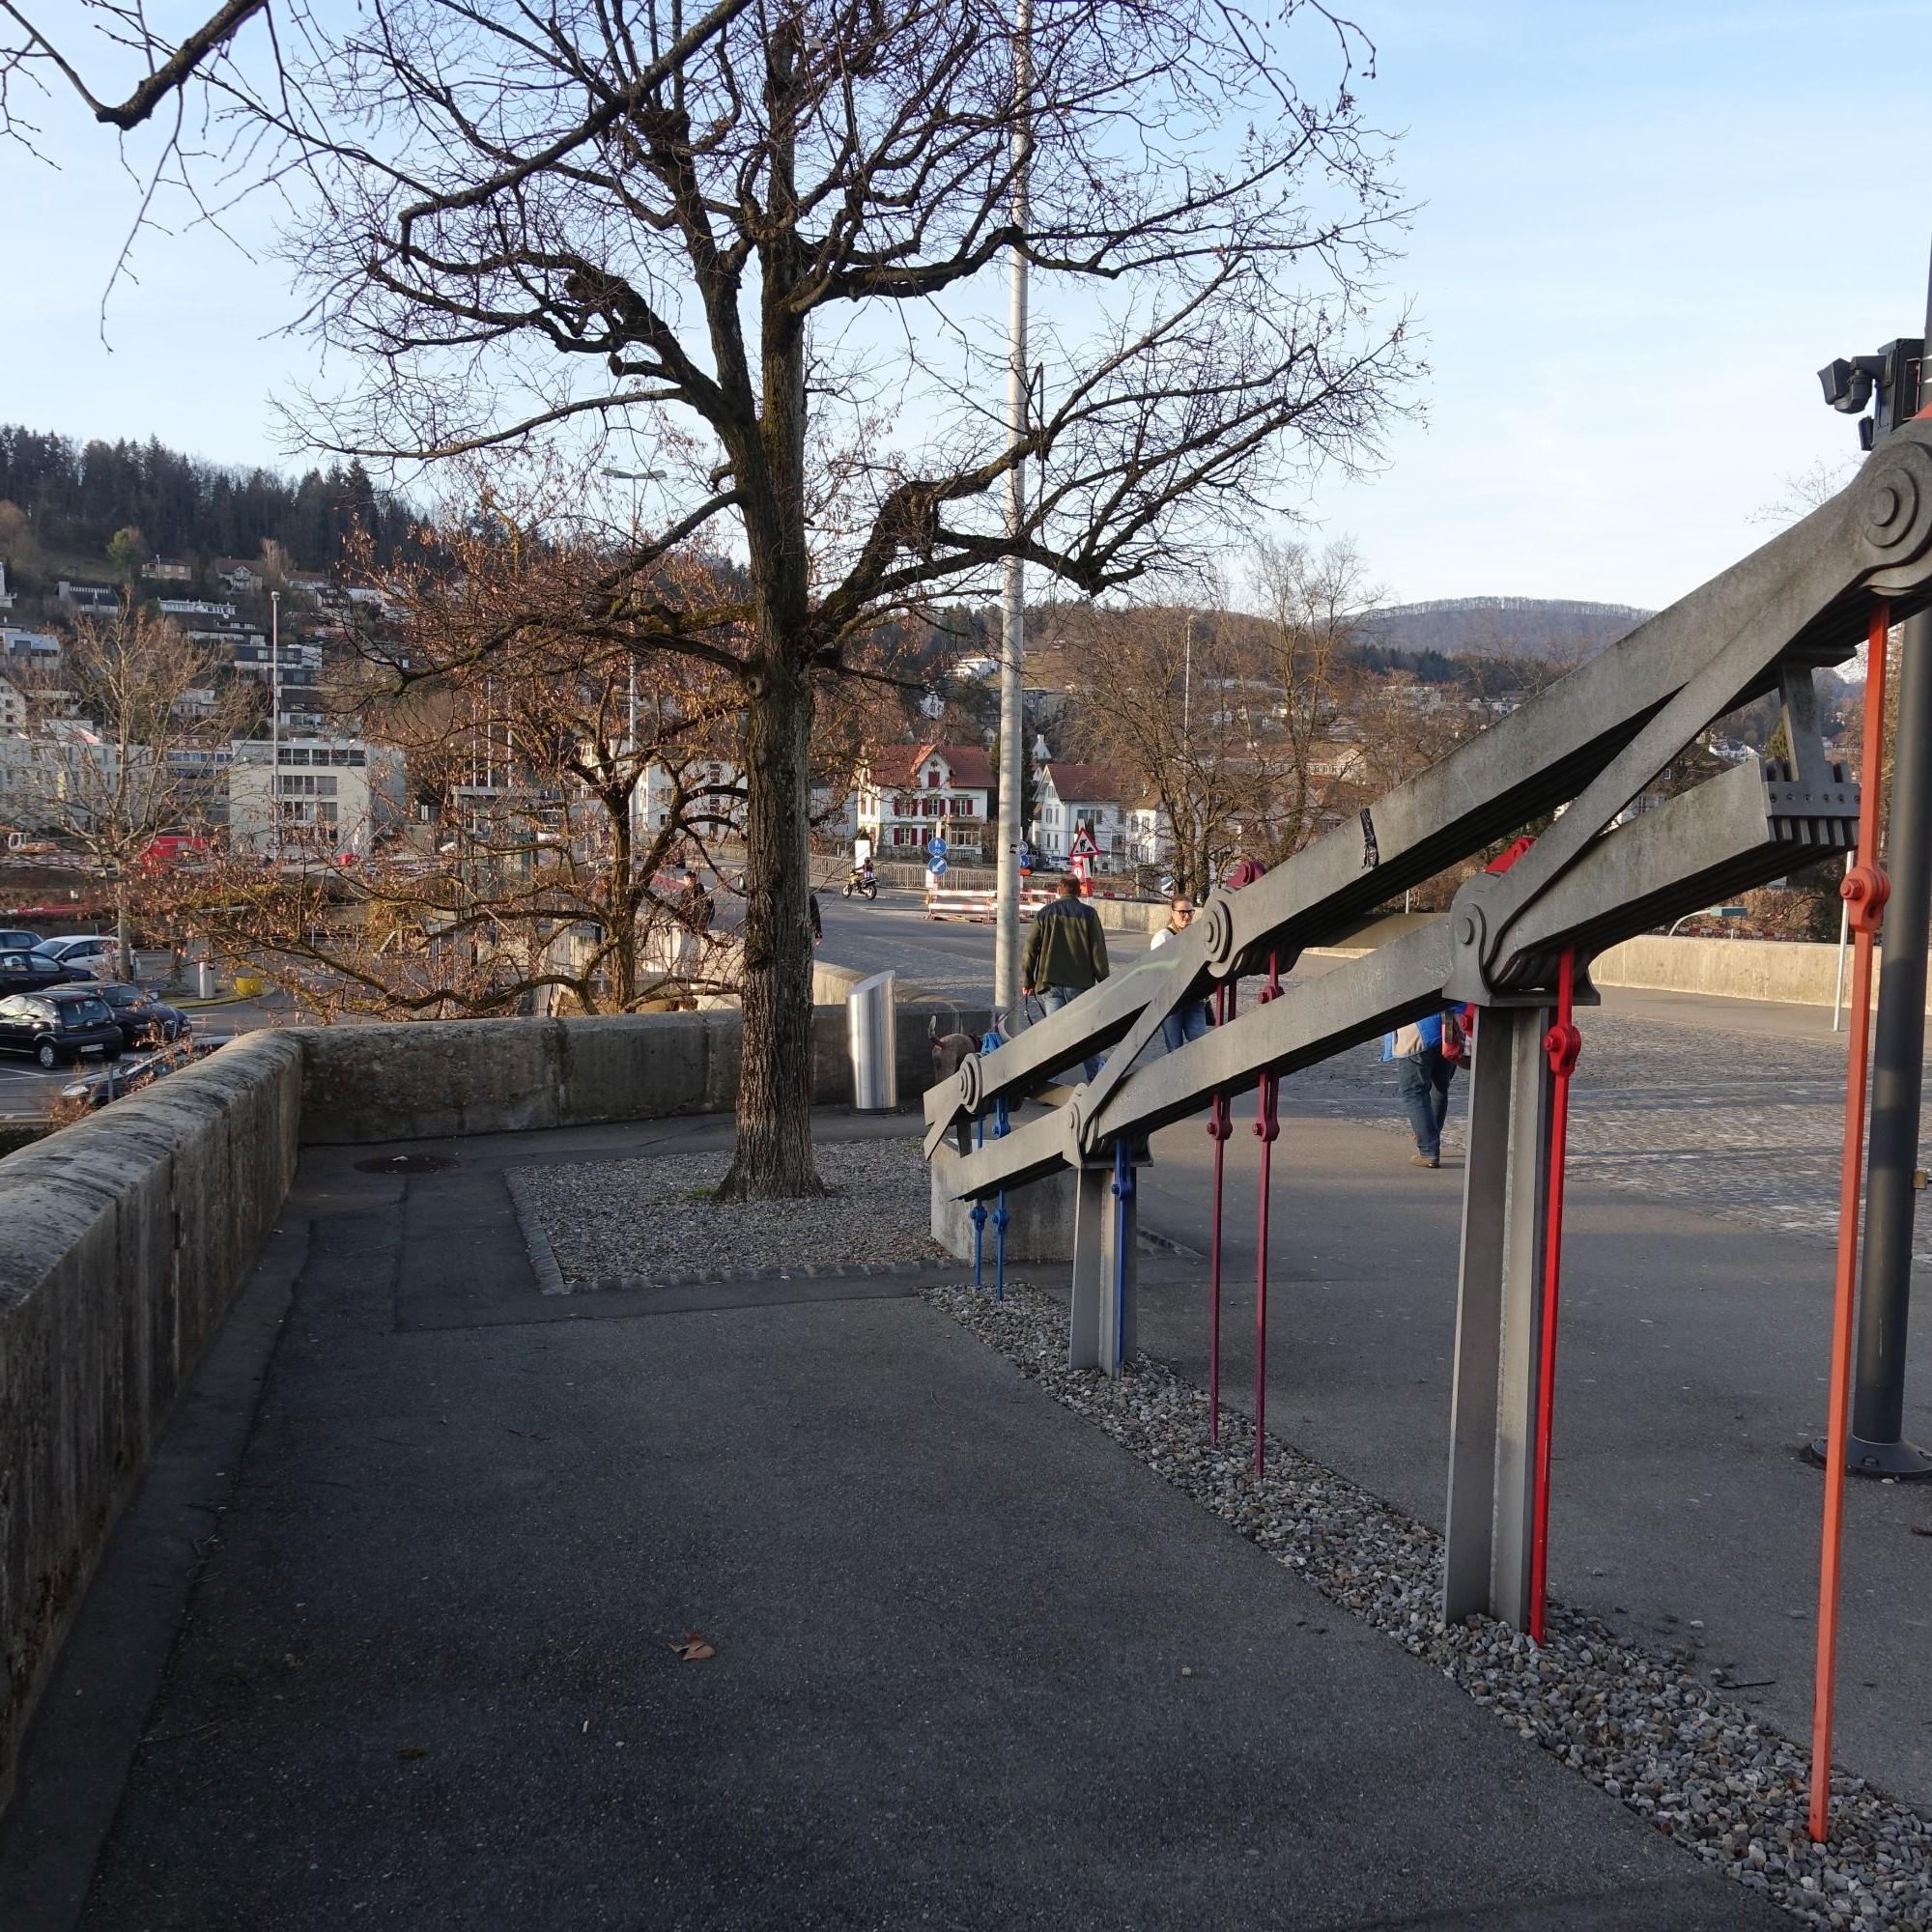 Die letzten erhaltenen Teile der historischen Kettenbrücke sind noch am Eingang zur Altstadt von Aarau zu sehen.